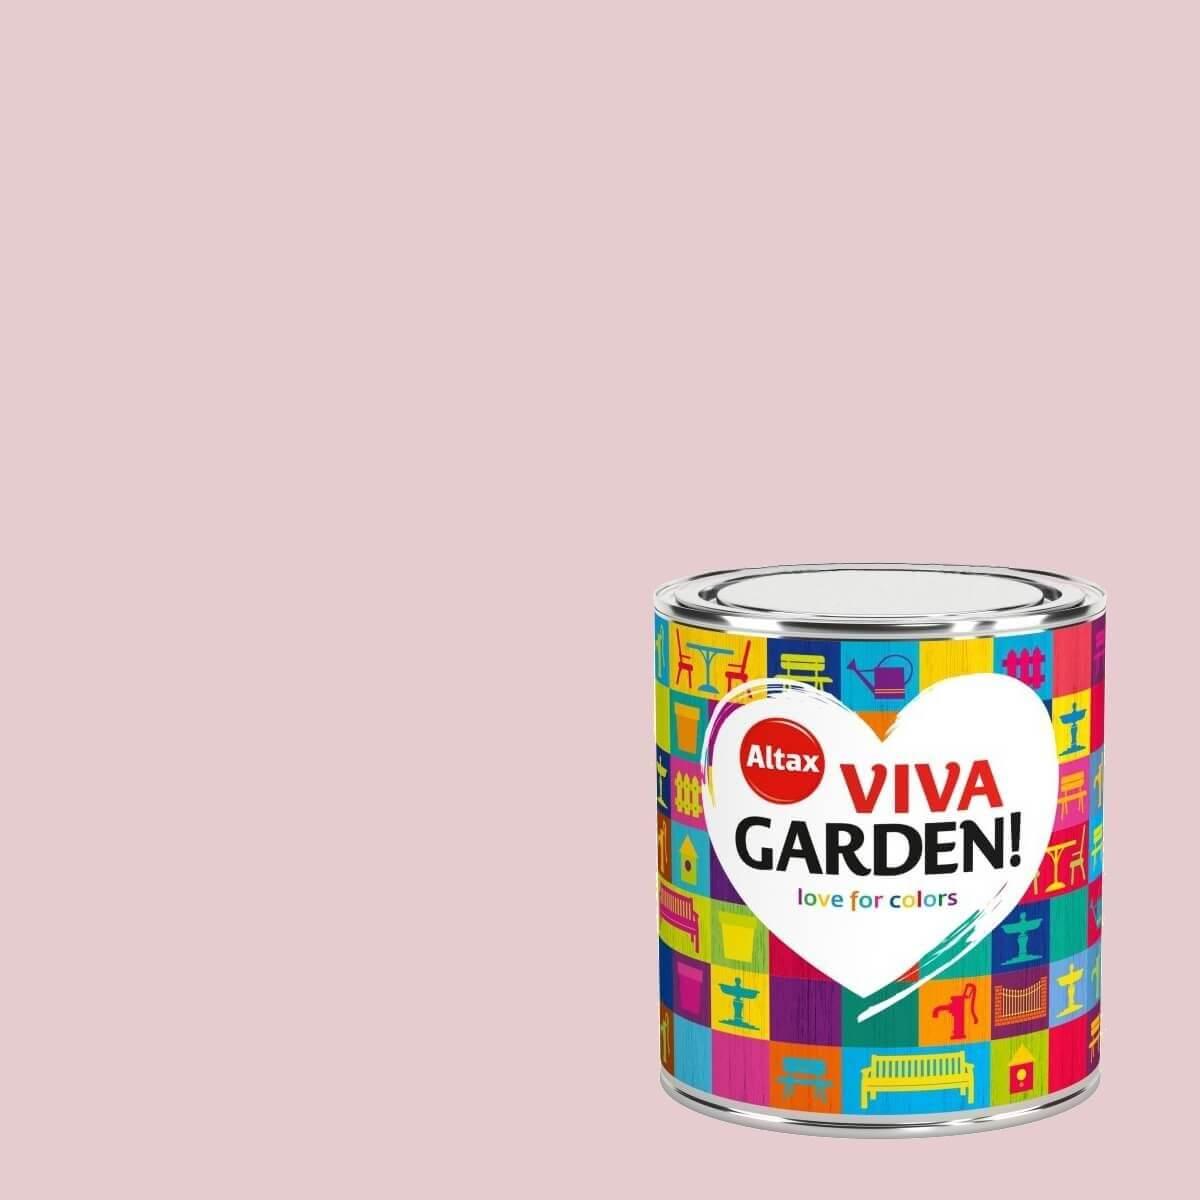 Farba Ogrodowa Viva Garden 025l Płatki Wiśni Altax